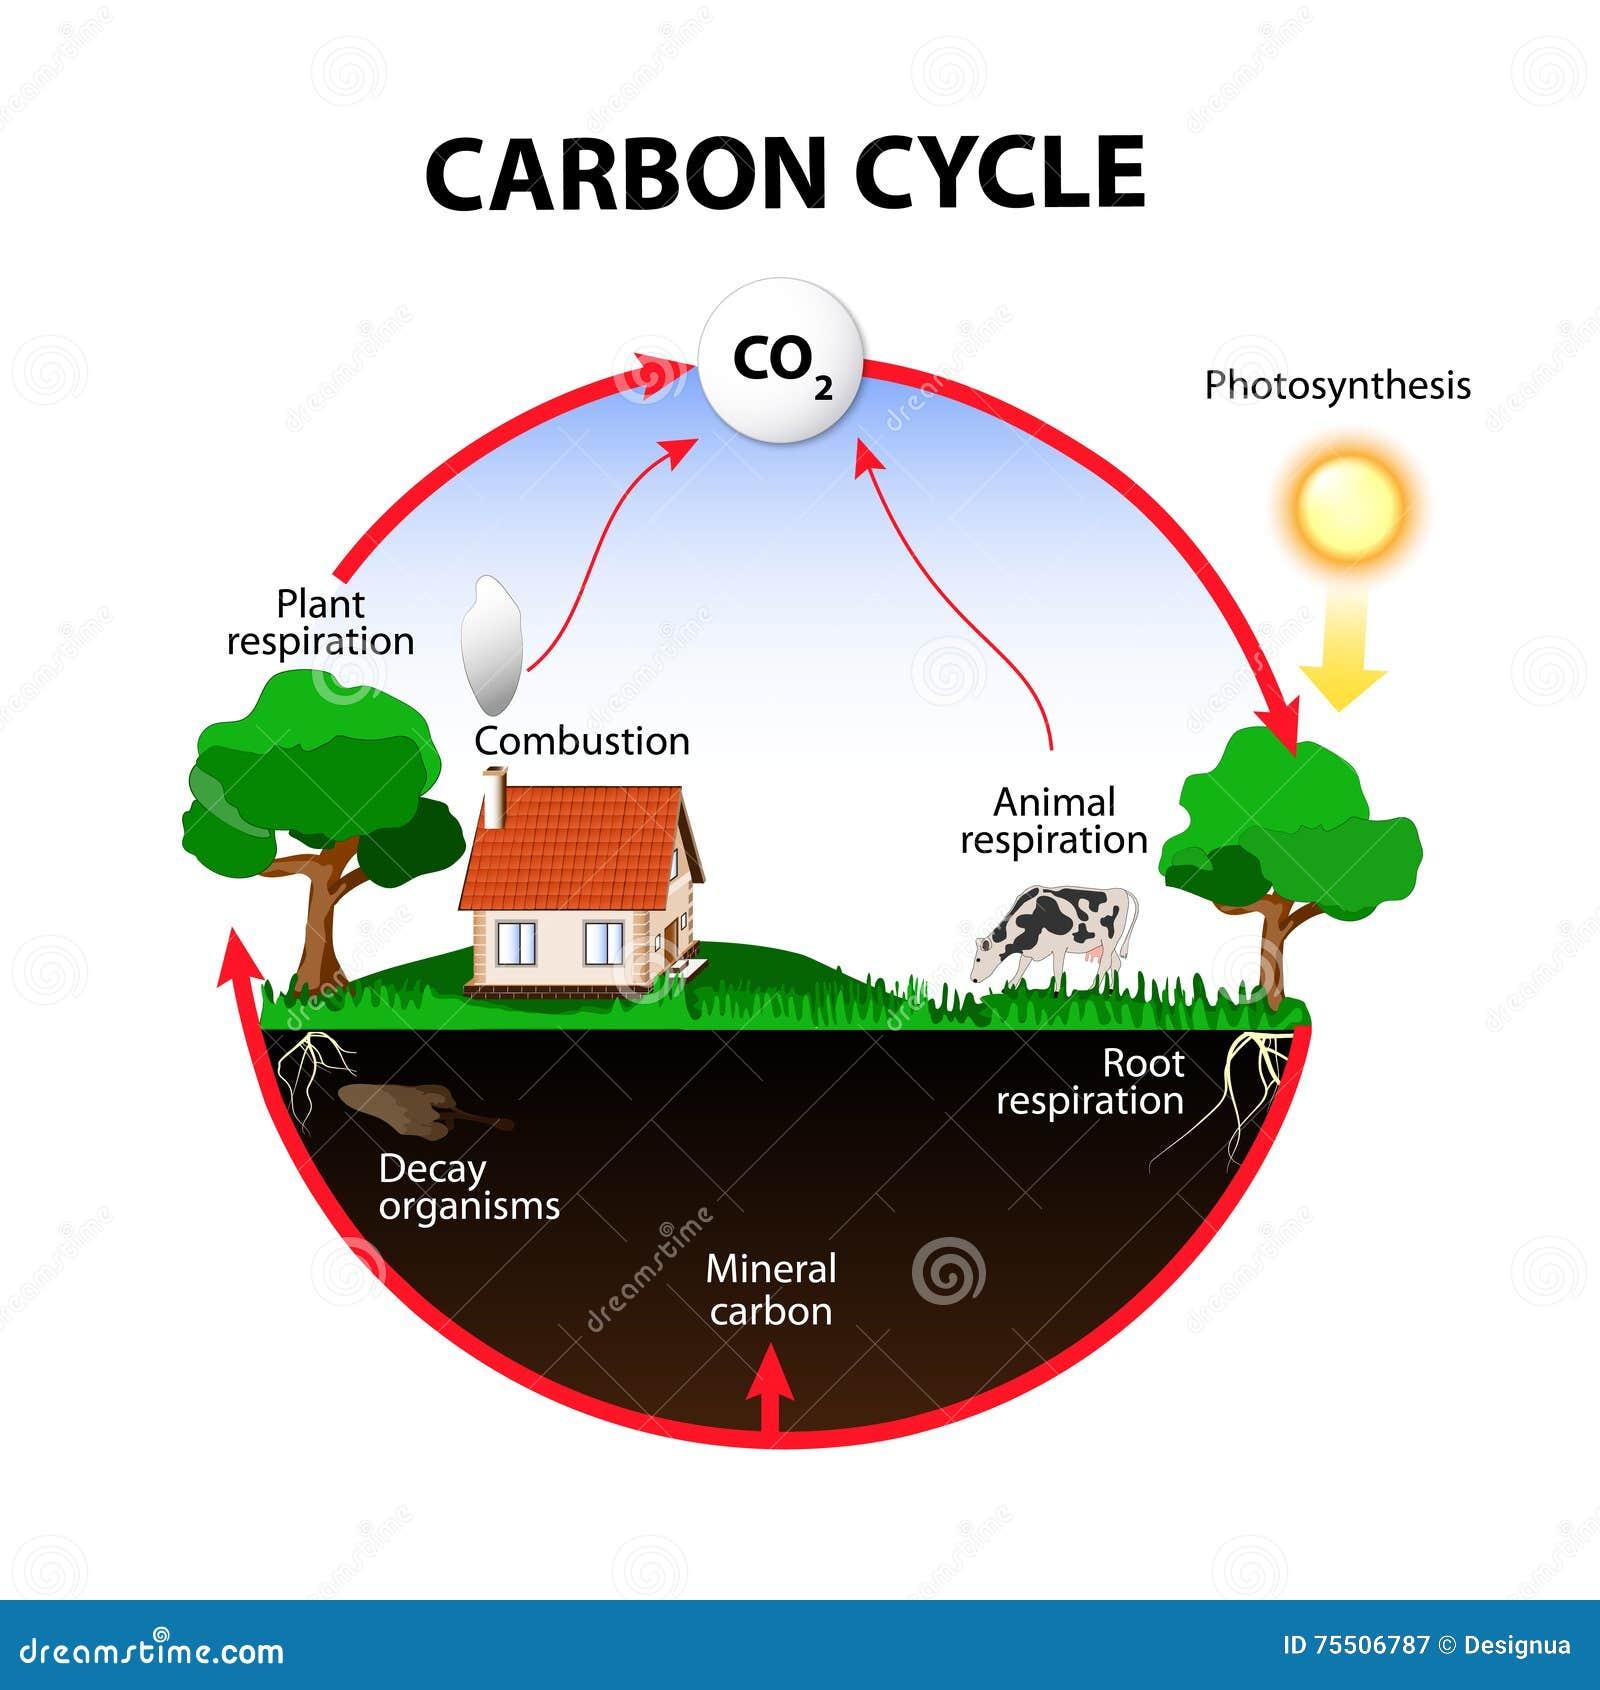 Vektordiagramm zeigt die Bewegung des Kohlenstoffs zwischen Land, Atmosphäre und Ozeanen